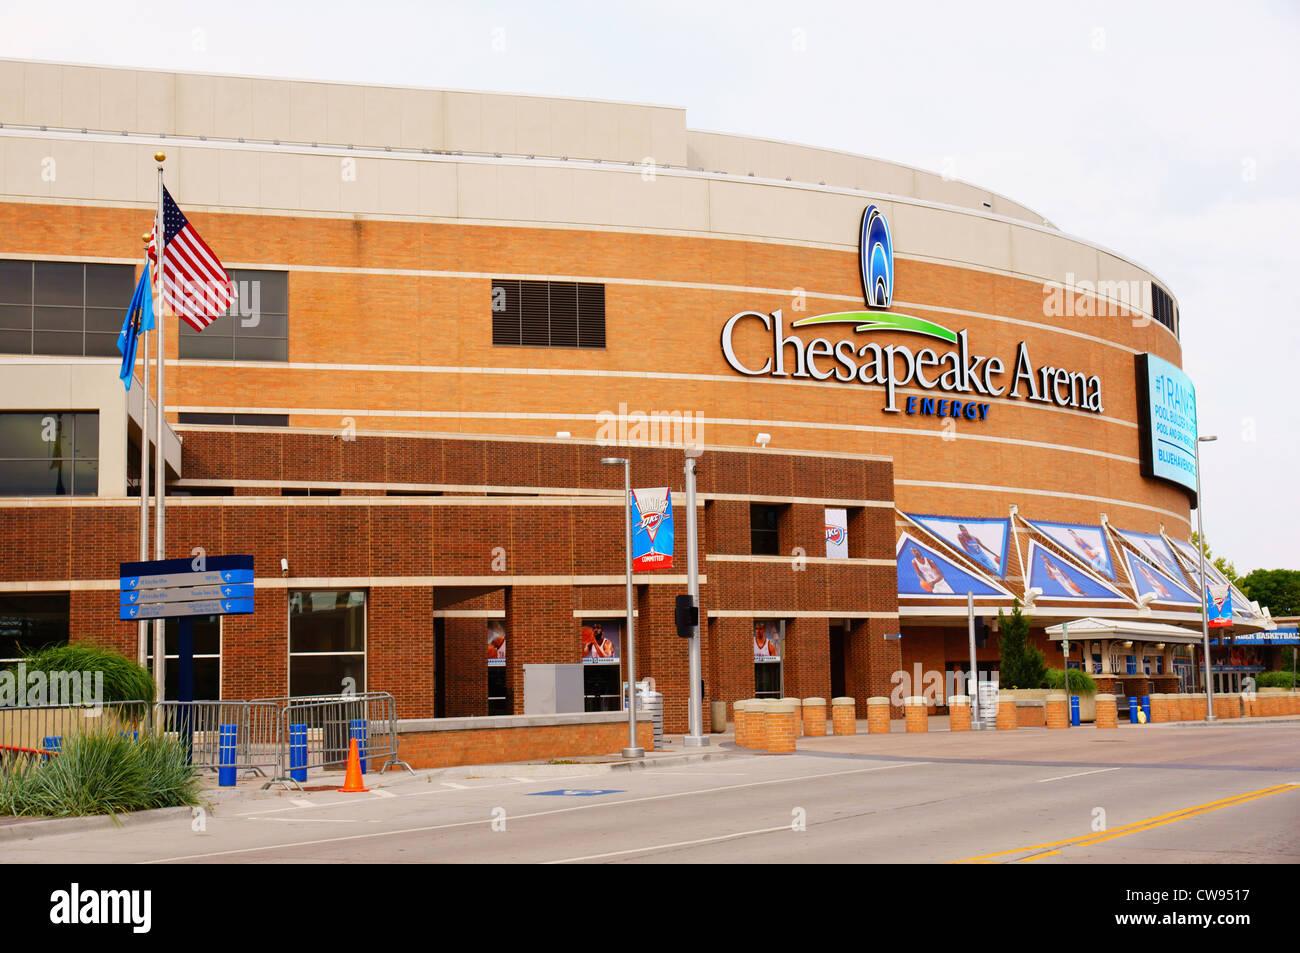 Oklahoma City Thunder Stock Photos & Oklahoma City Thunder Stock ...